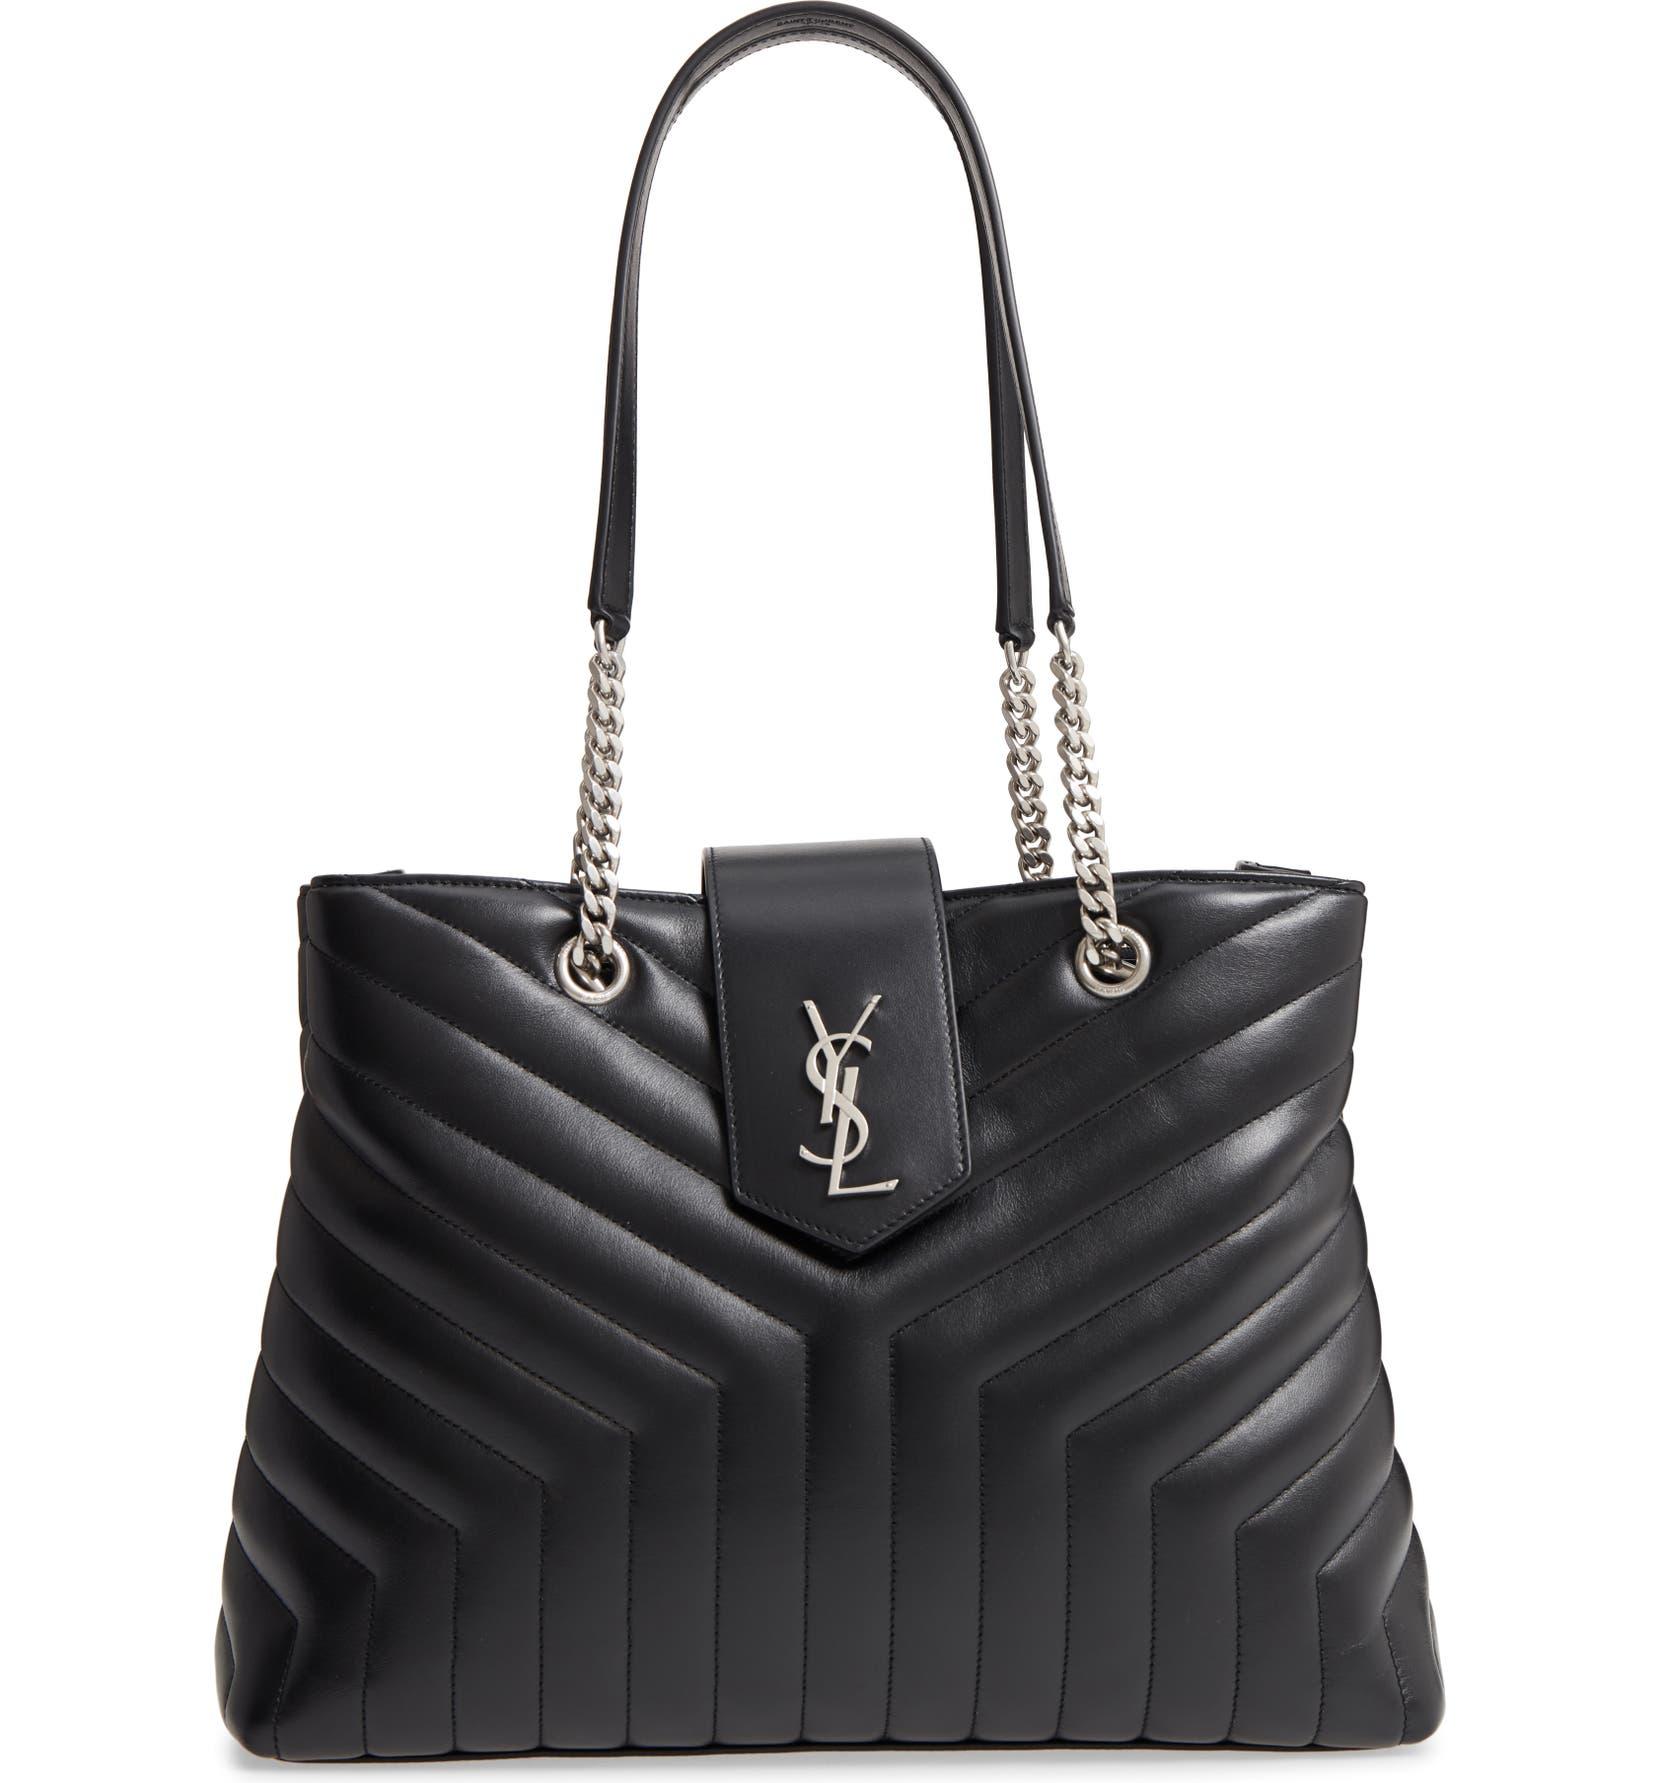 0c9210ba6590c Saint Laurent Large Loulou Matelassé Leather Shopper